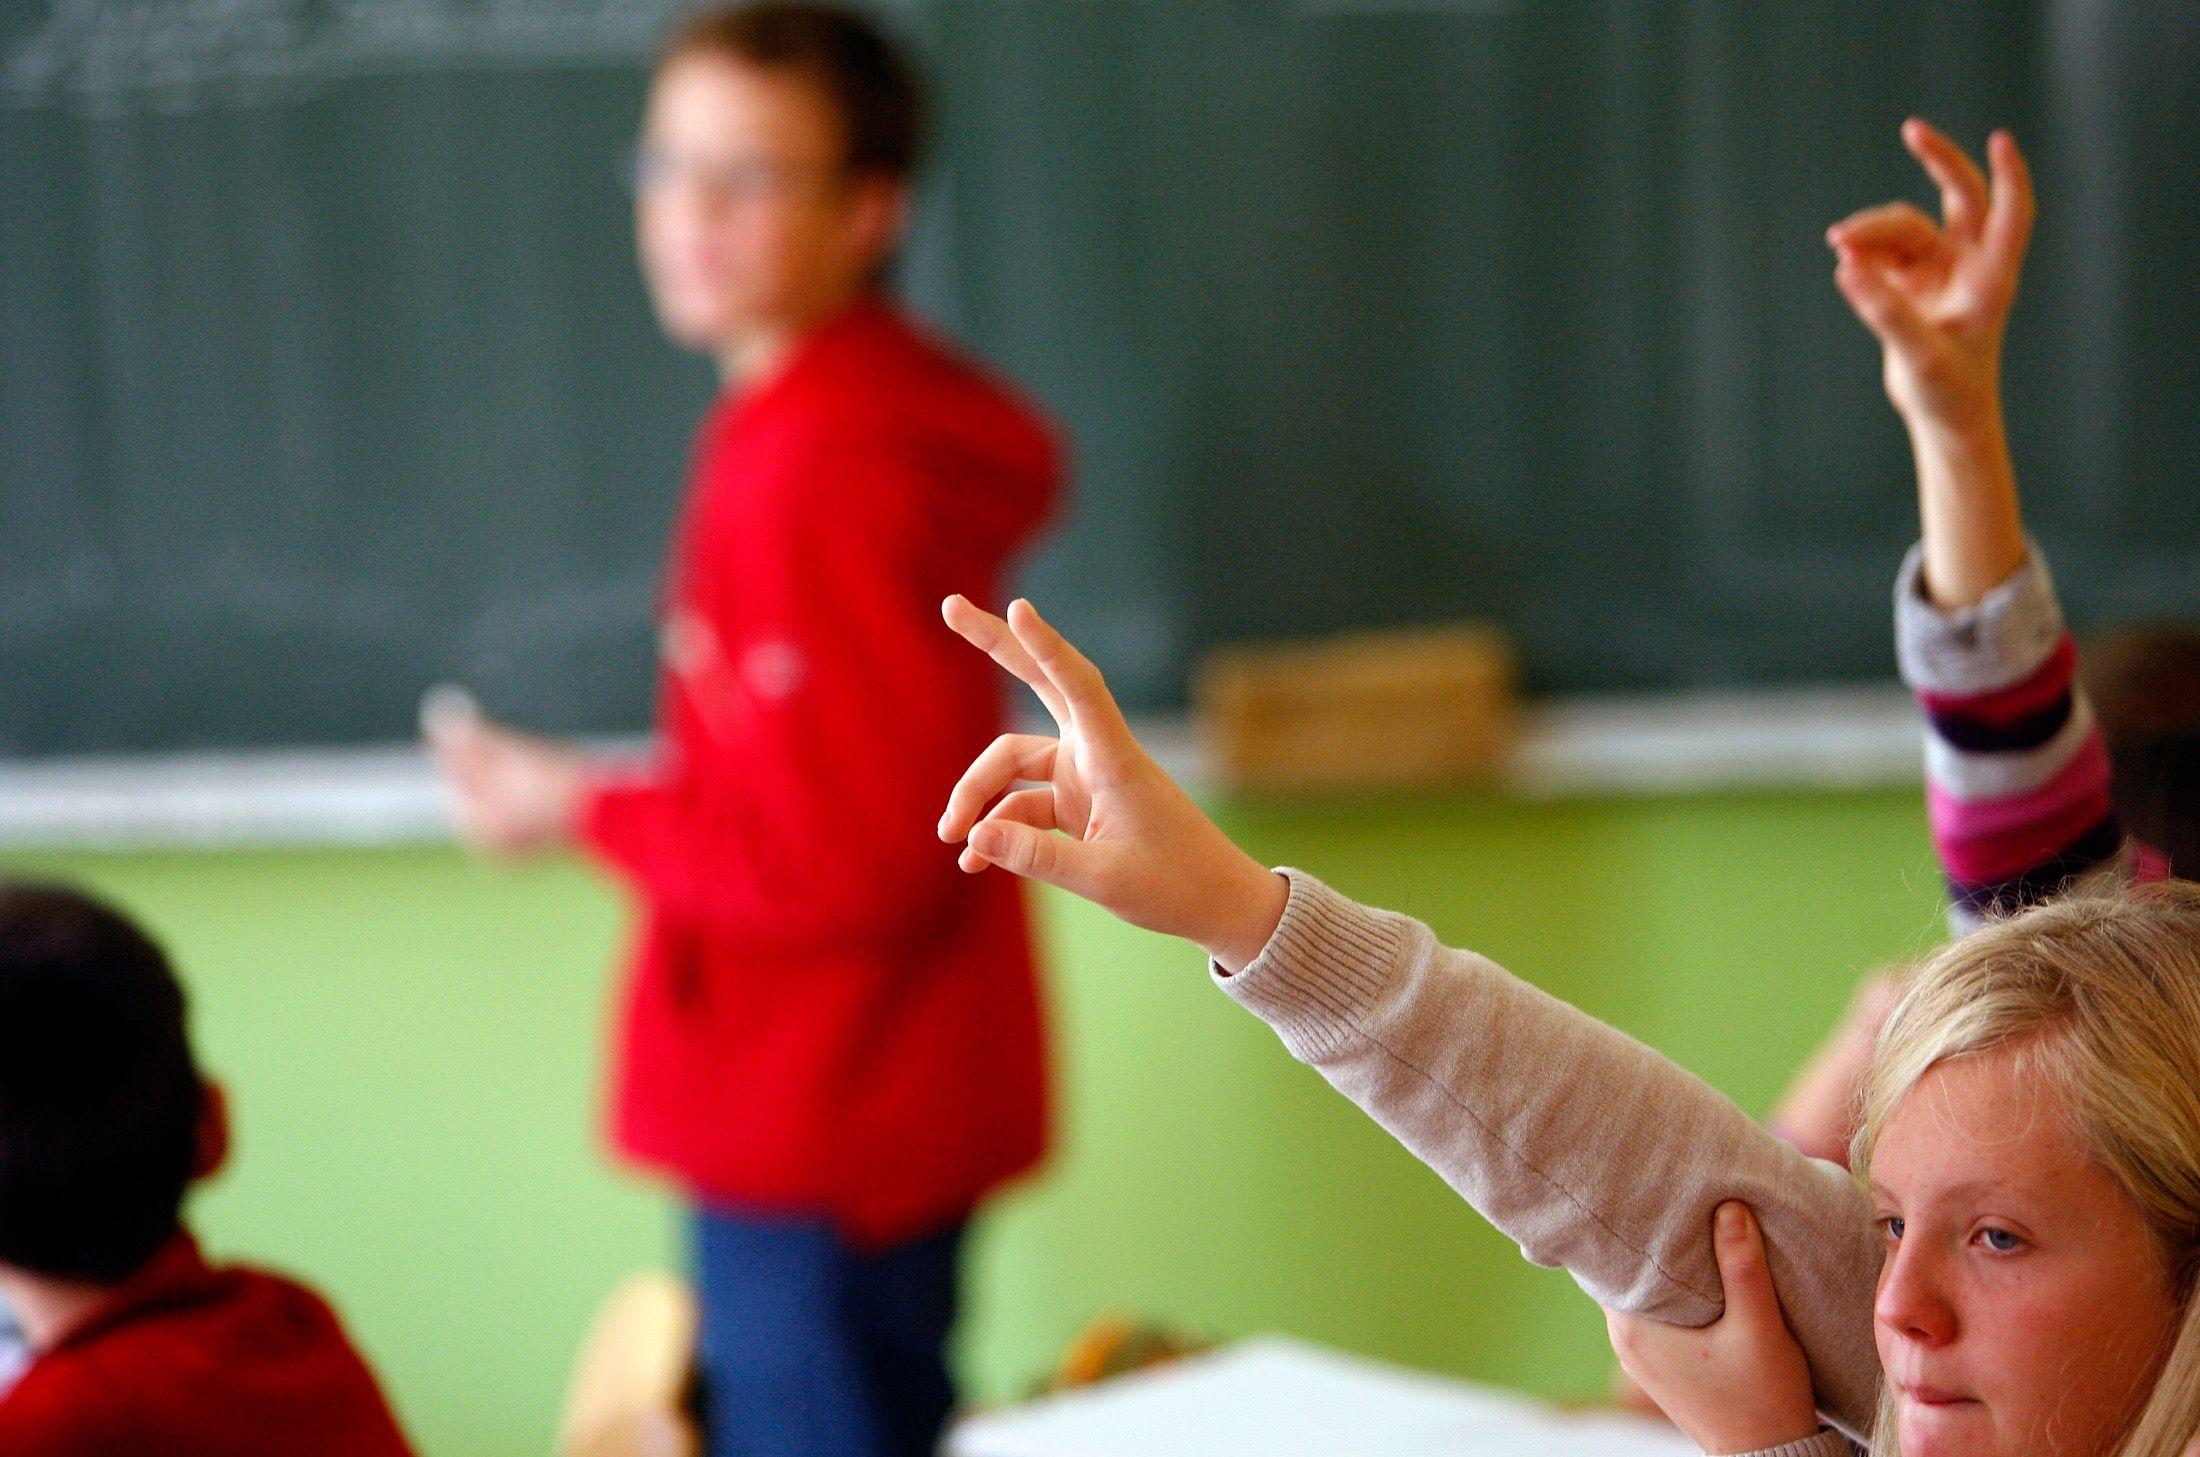 Le gouvernement a annoncé qu'il débloquera une enveloppe de 200 millions d'euros pour accompagner la réforme des rythmes scolaires.